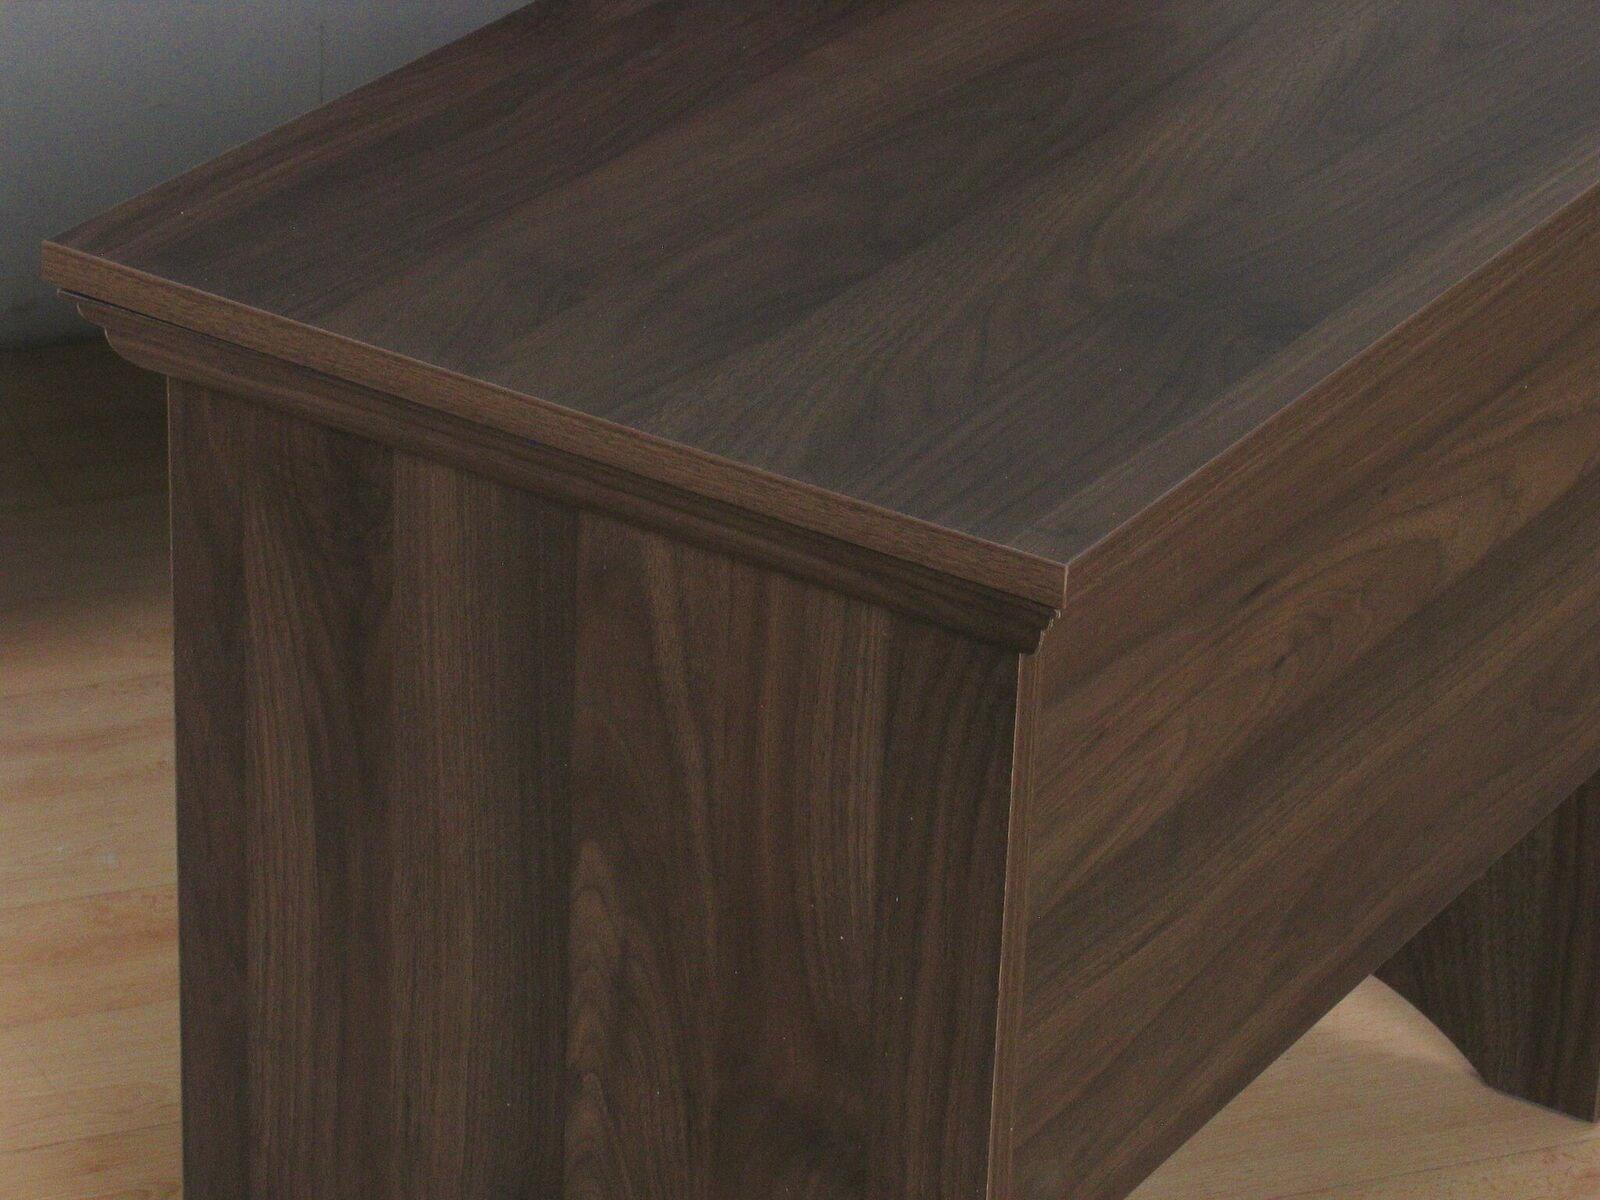 schminktisch hocker capri frisiertisch schreibtisch stuhl b rotisch nussbaum m bel wohnen. Black Bedroom Furniture Sets. Home Design Ideas